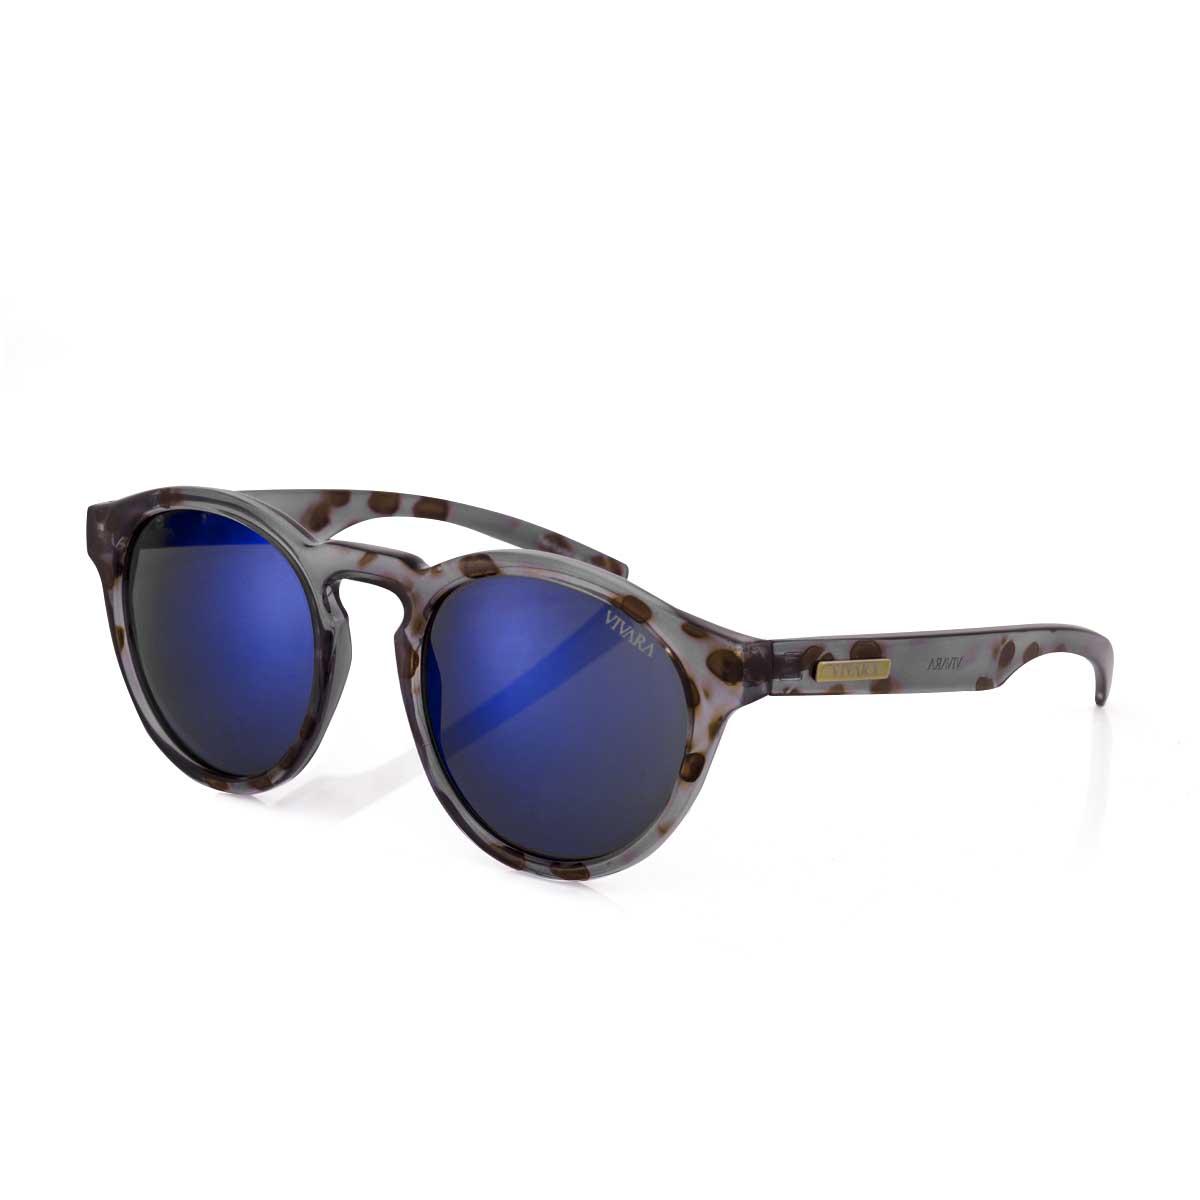 f3167b5282ce5 Óculos de Sol Redondo em Acetato Tigre Cinza